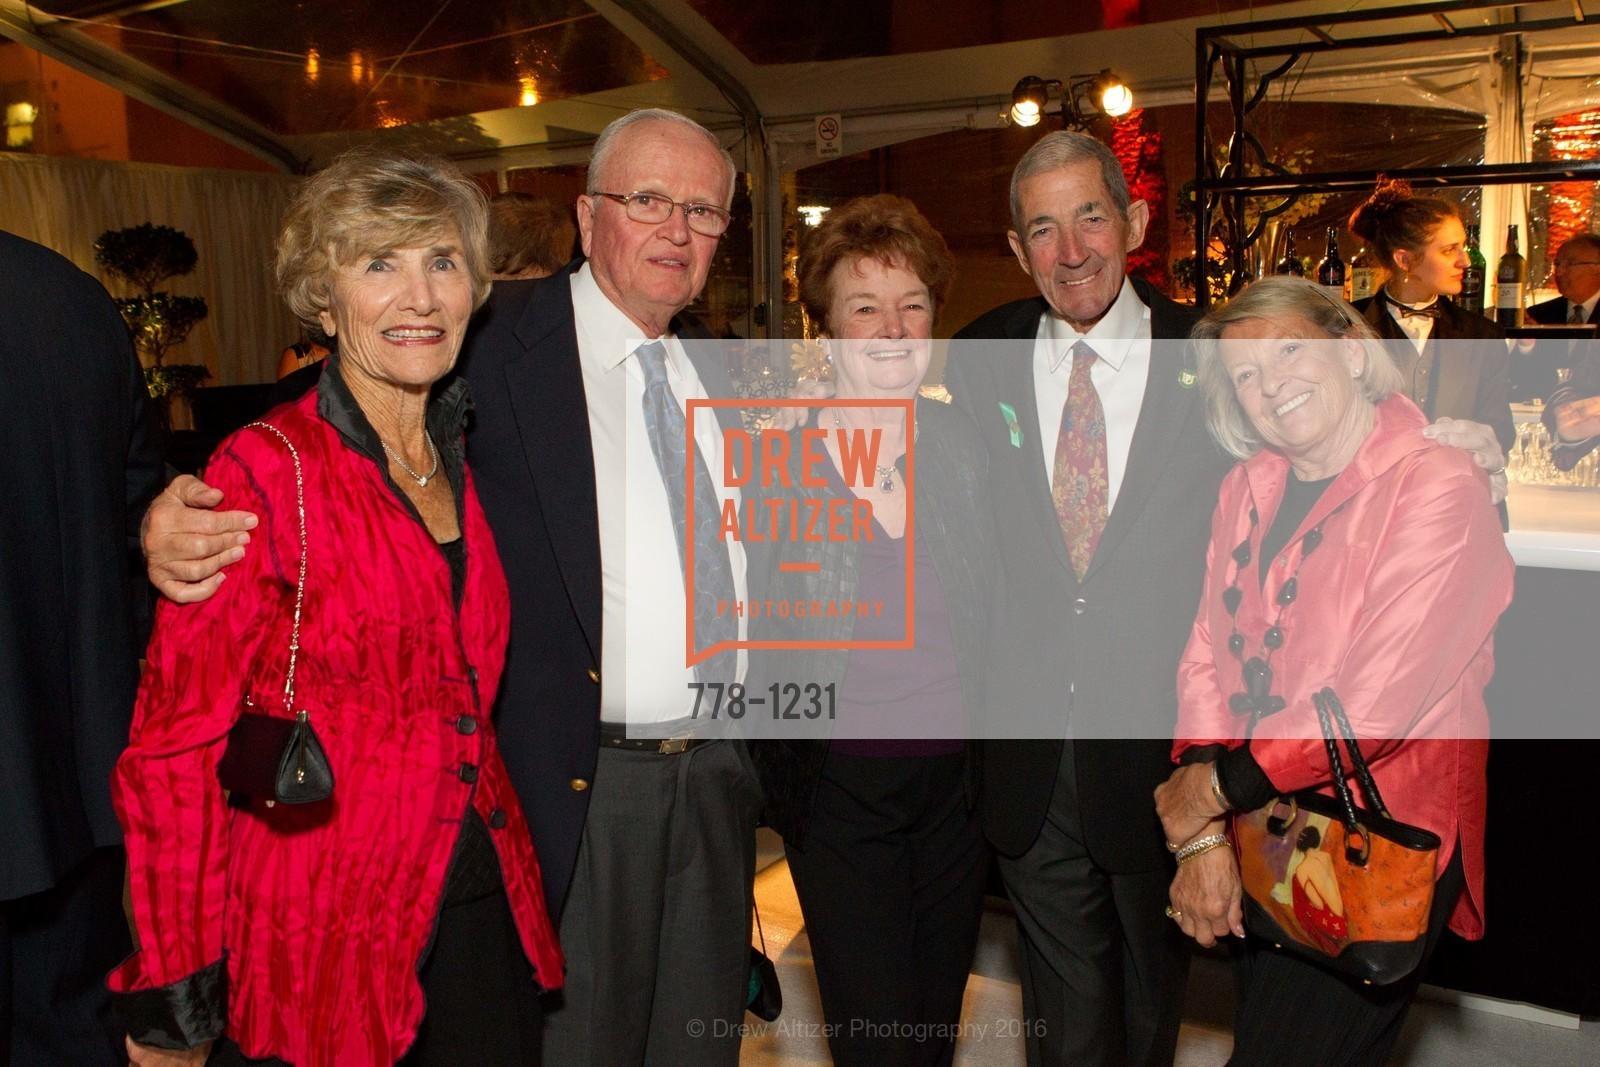 Toni Feehan, Don Feehan, Linda Ragan, George Pasha, Jan Pasha, Photo #778-1231